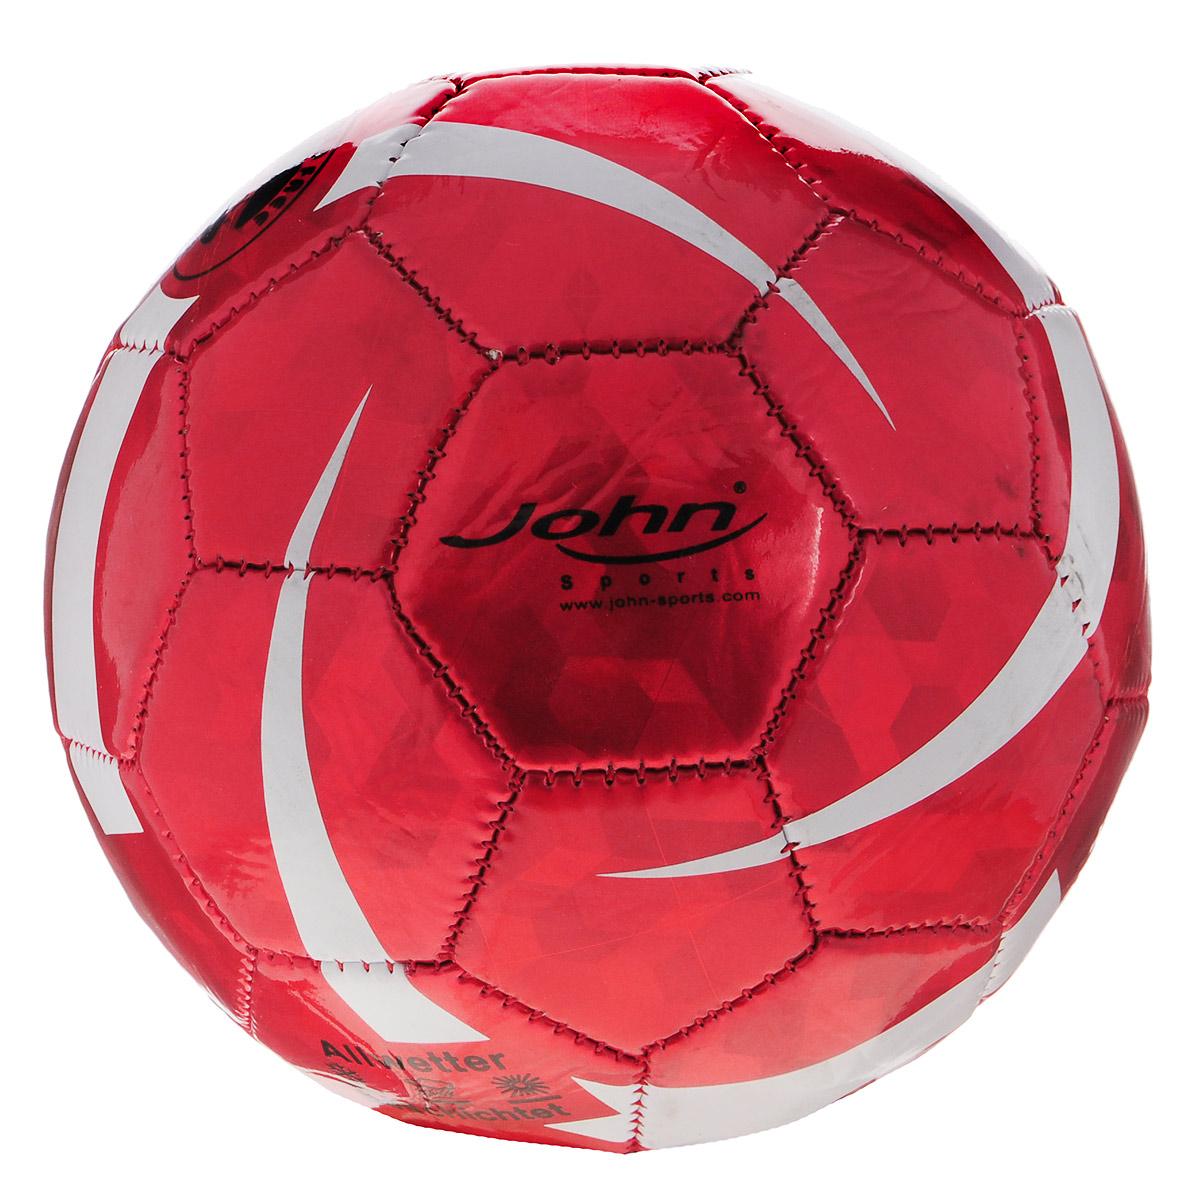 Мяч для мини-футбола John Алмаз, цвет: красный, 14,5 см52127RМяч для мини-футбола John Алмаз прекрасно подойдет для игр на свежем воздухе и в зале. Изготовлен из ПВХ, обладает отличными игровыми качествами. Яркий дизайн позволяет детям сосредоточиться на игре. Спортивные игры развивают ловкость, силу, глазомер и быстроту реакции. Порадуйте своего непоседу таким замечательным подарком!